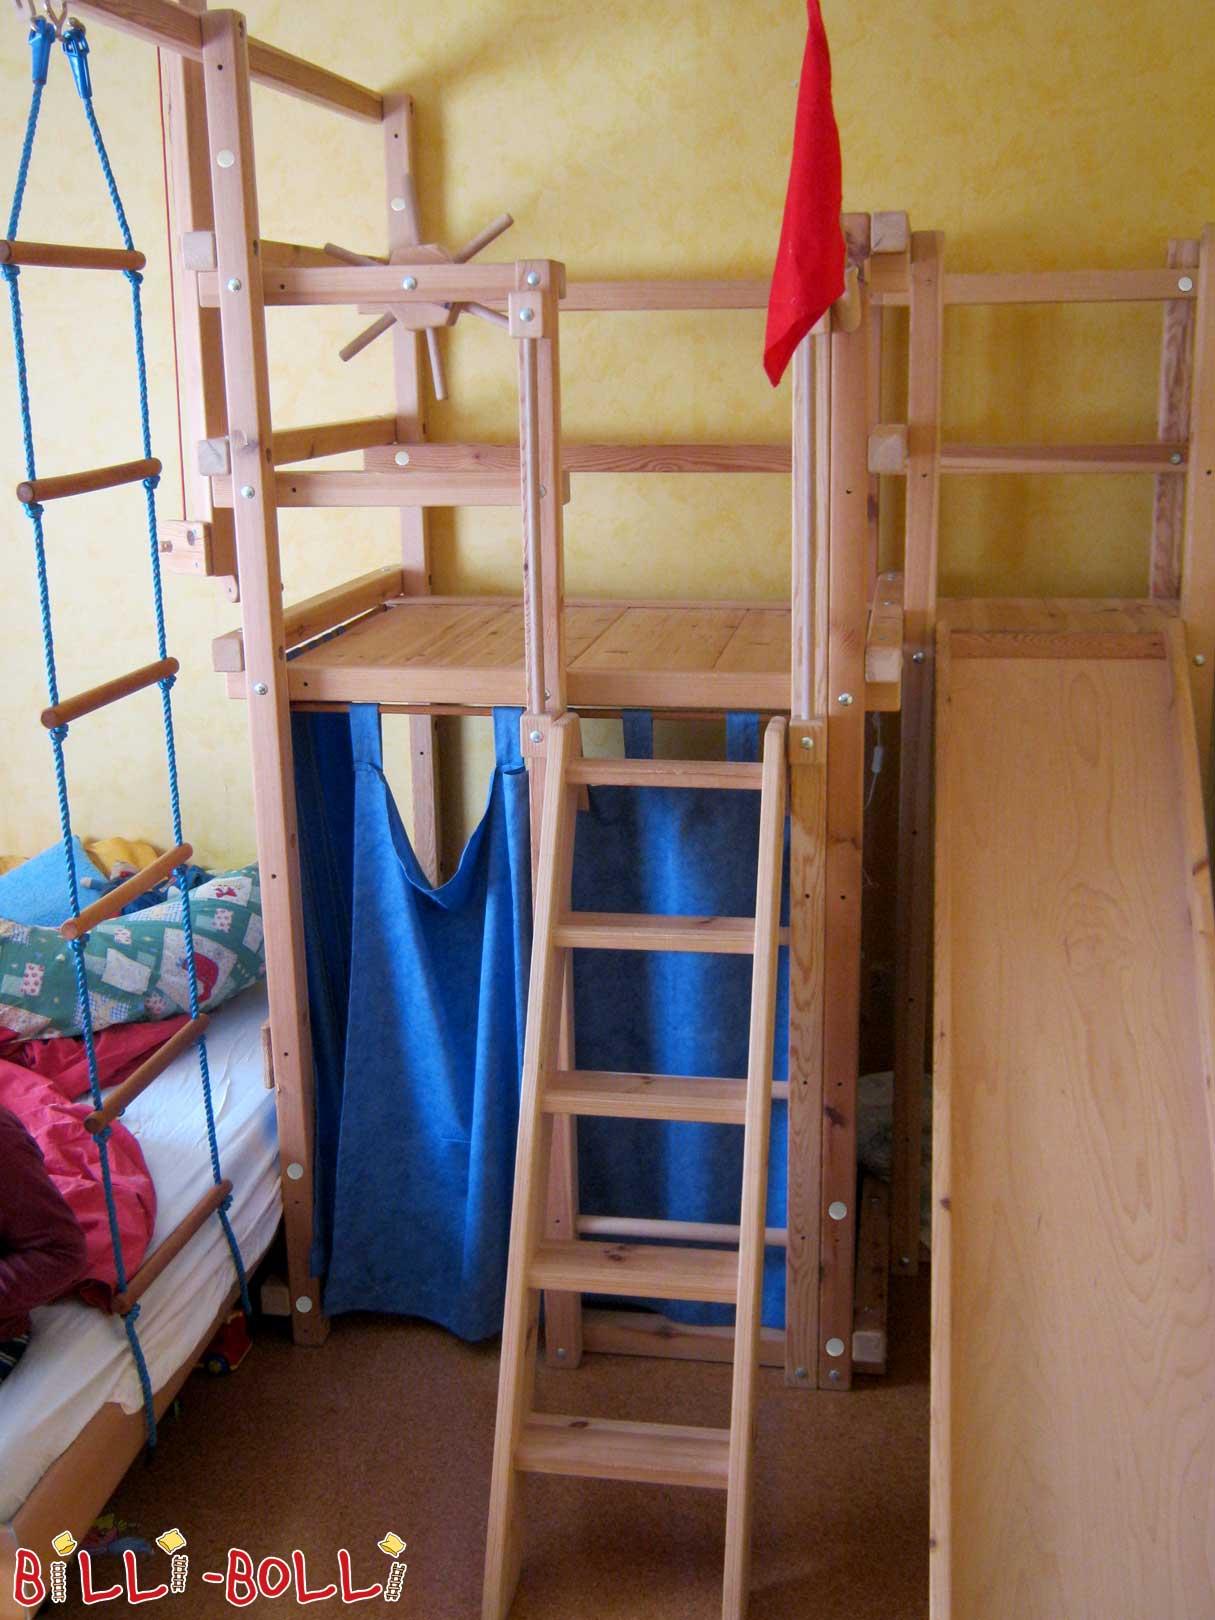 Zum Spielen | Billi-Bolli Kindermöbel